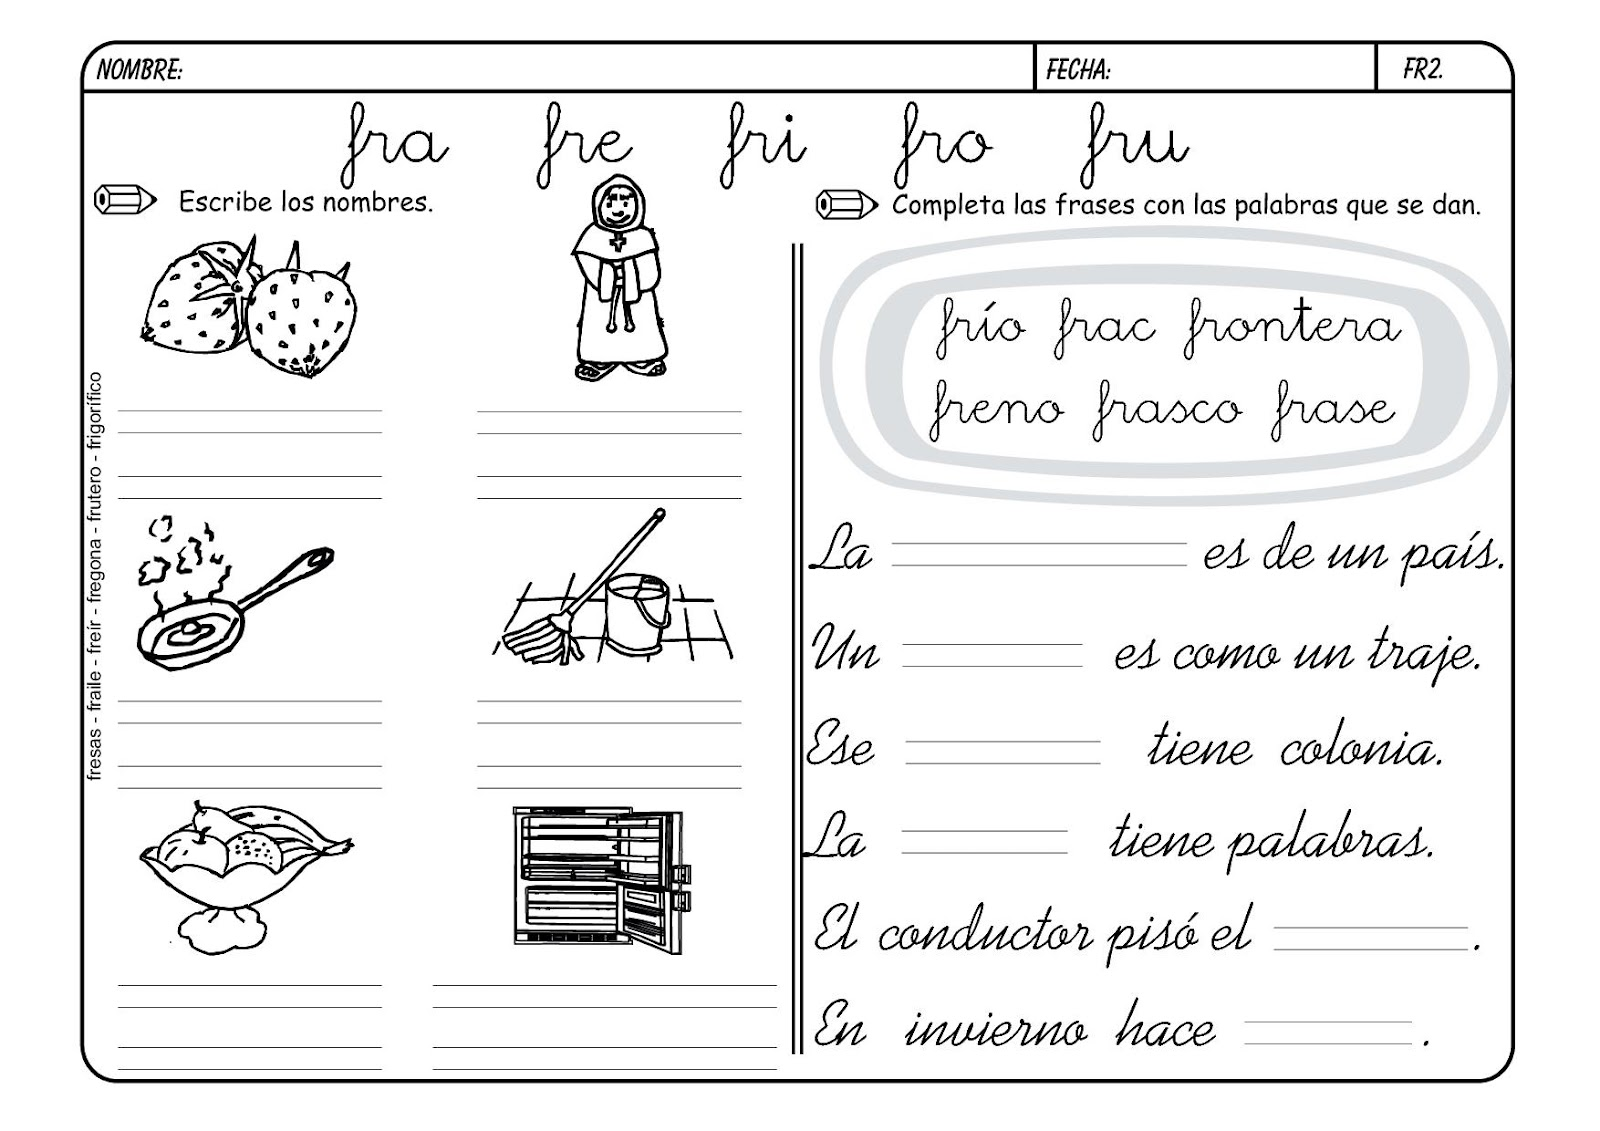 Dibujos Con La Trabada Br: APOYO ESCOLAR ING MASCHWITZT CONTACTO TELEF 011-15